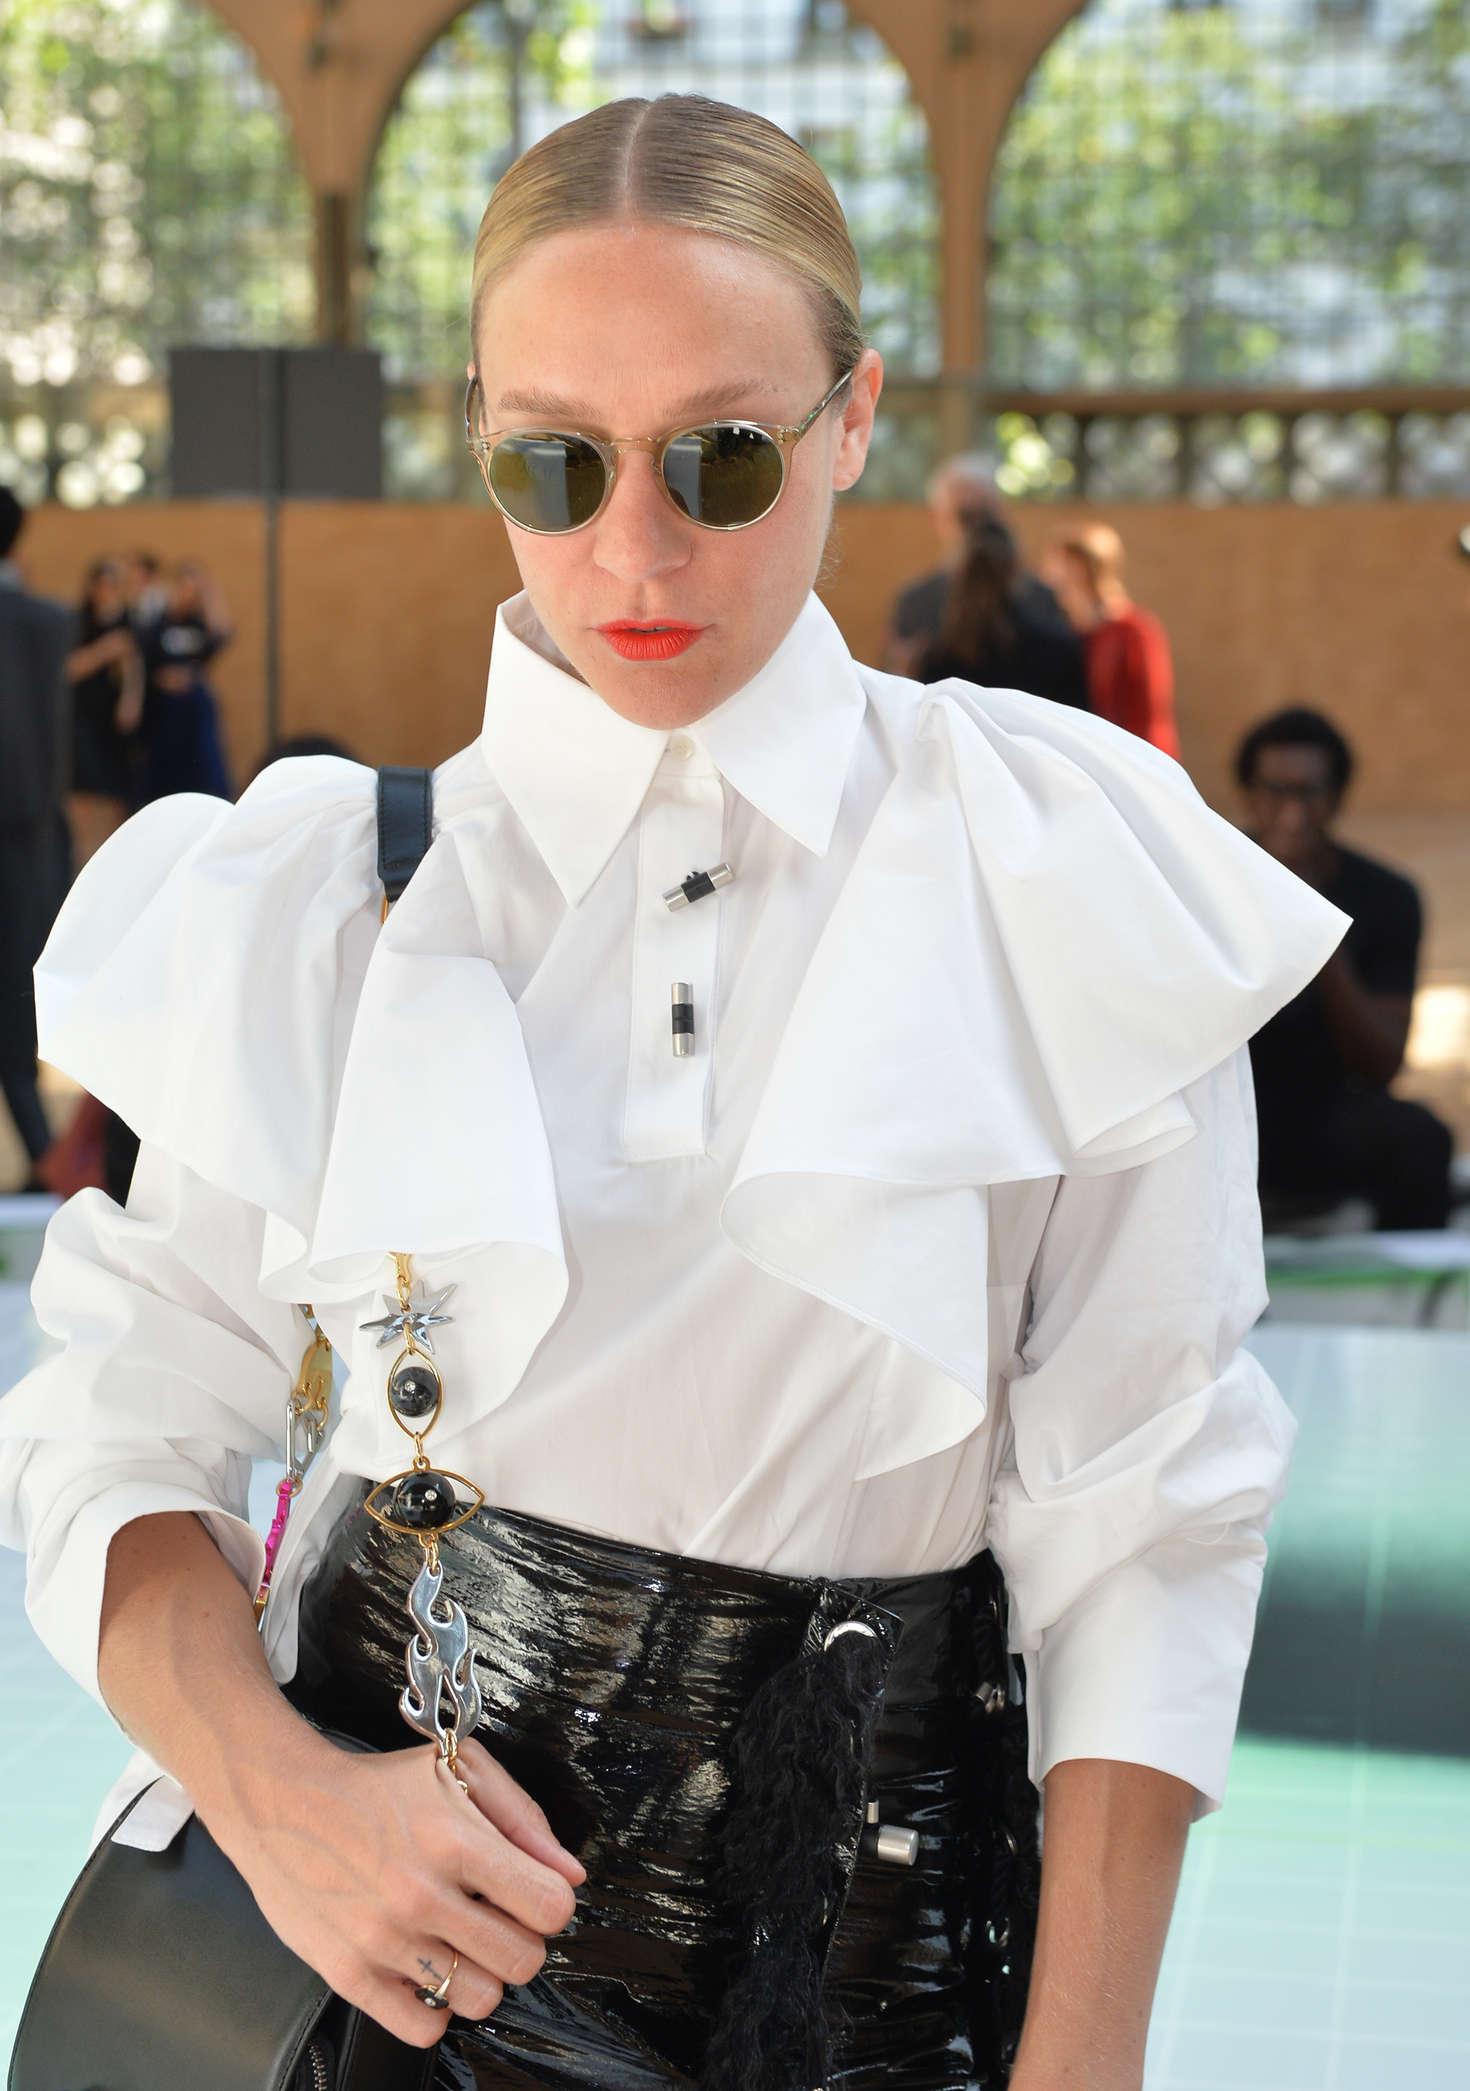 Chloe Sevigny attends Kenzo Fashion Week Men's Wear